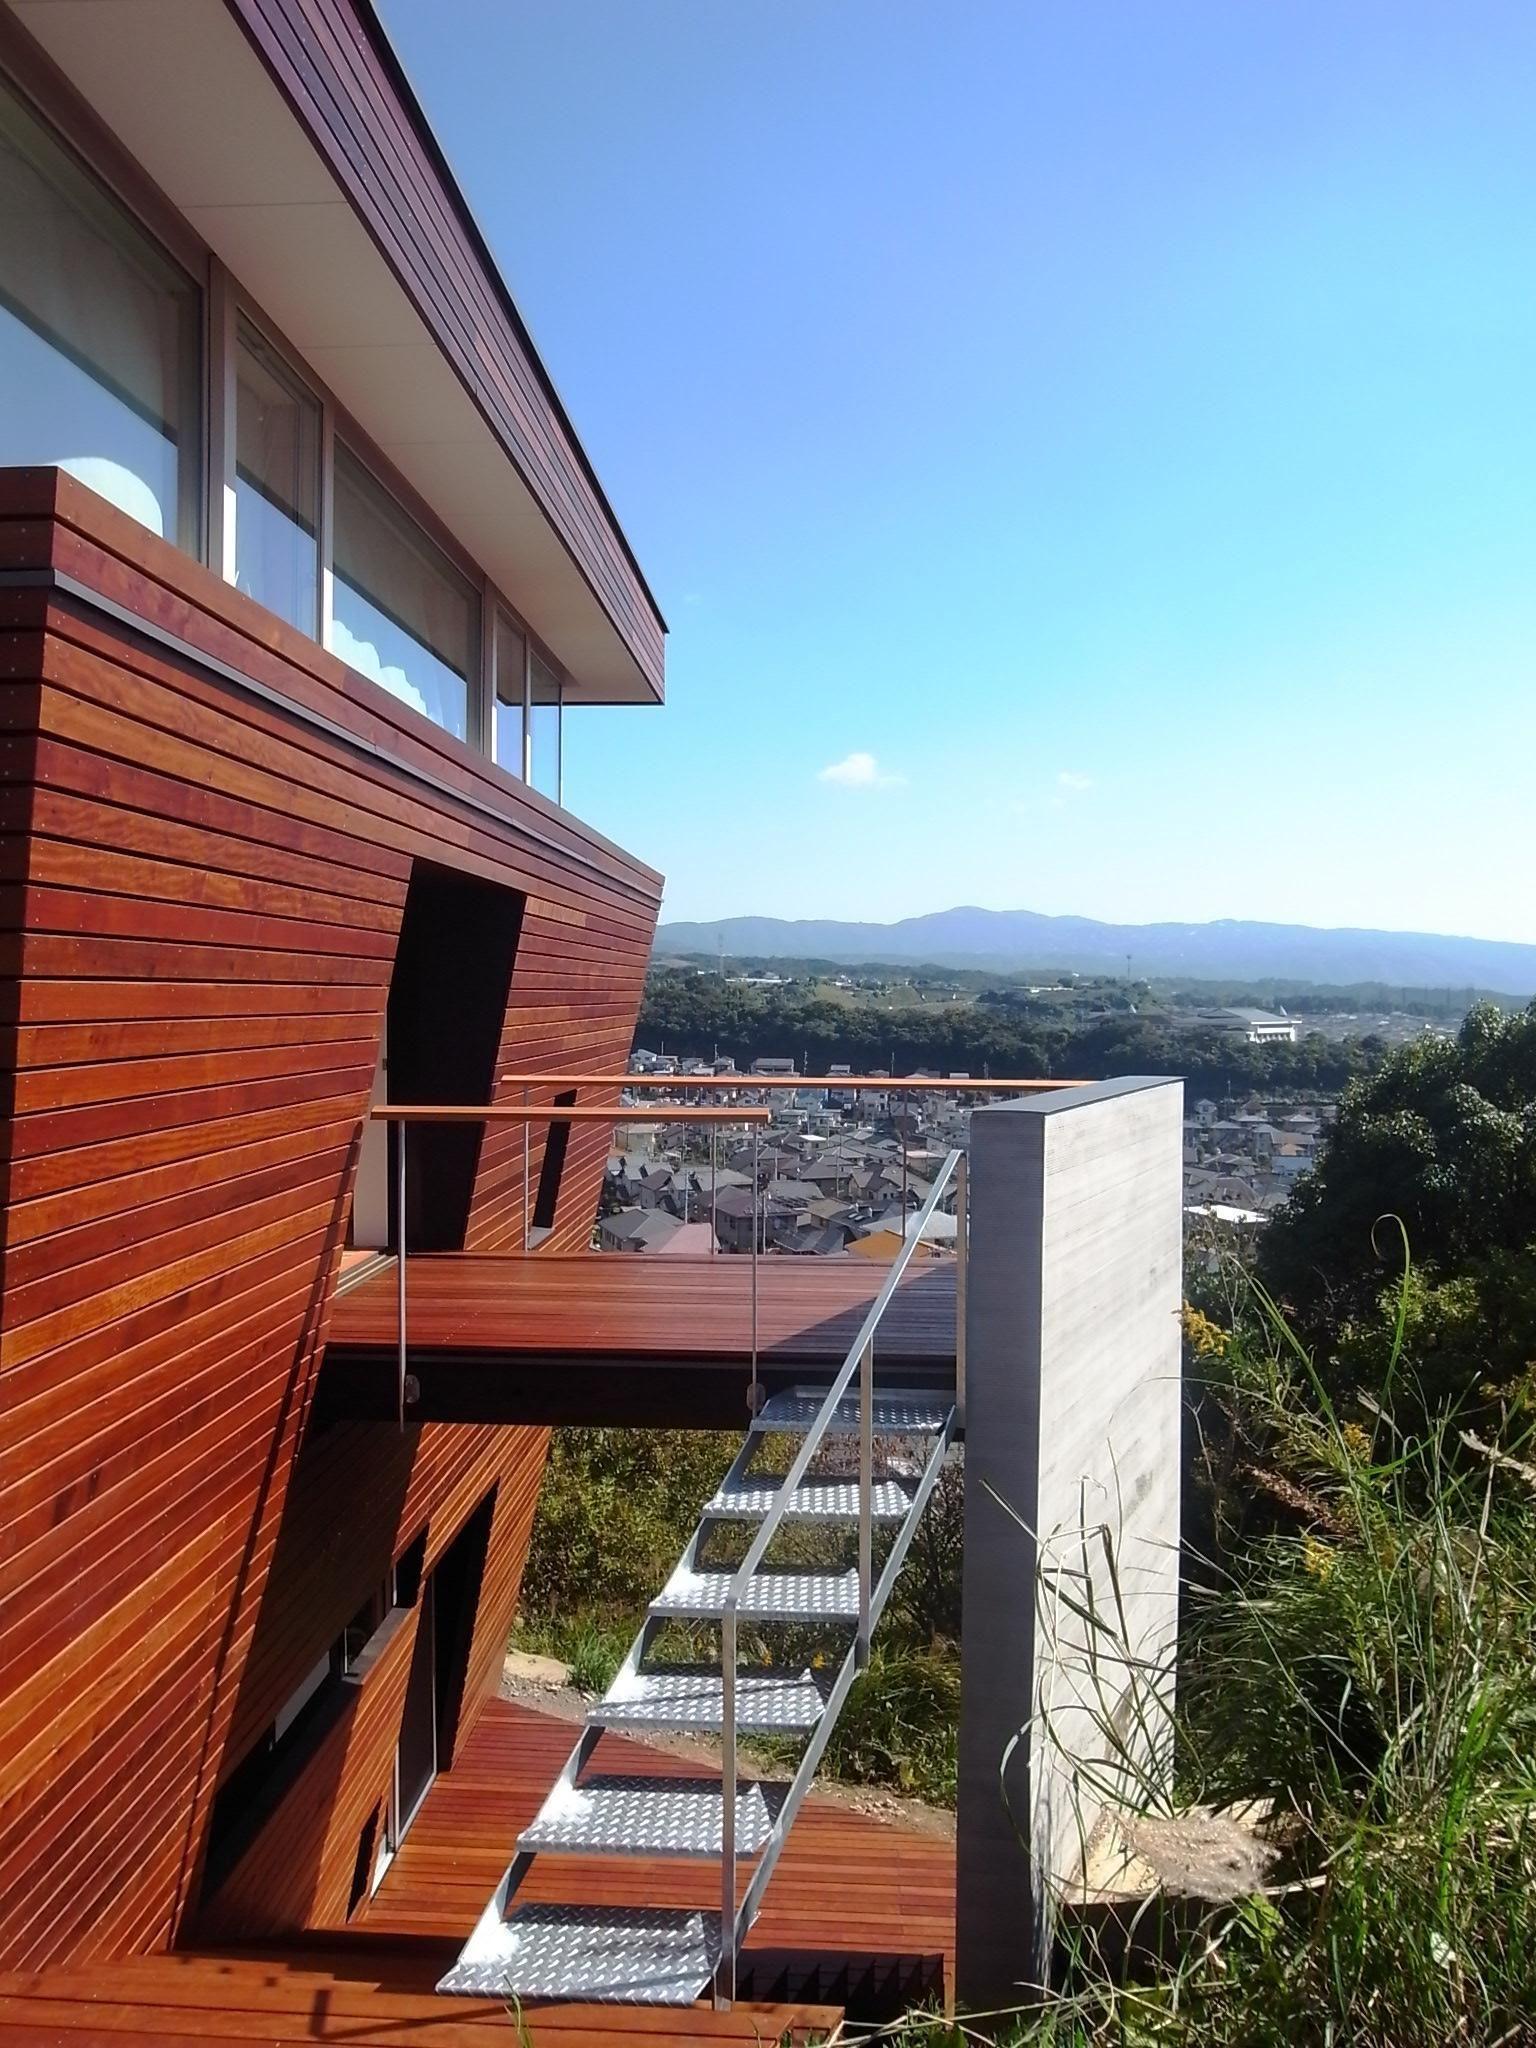 傾斜地に飛び出したバルコニー 360 風景が広がる傾斜地の家 外観